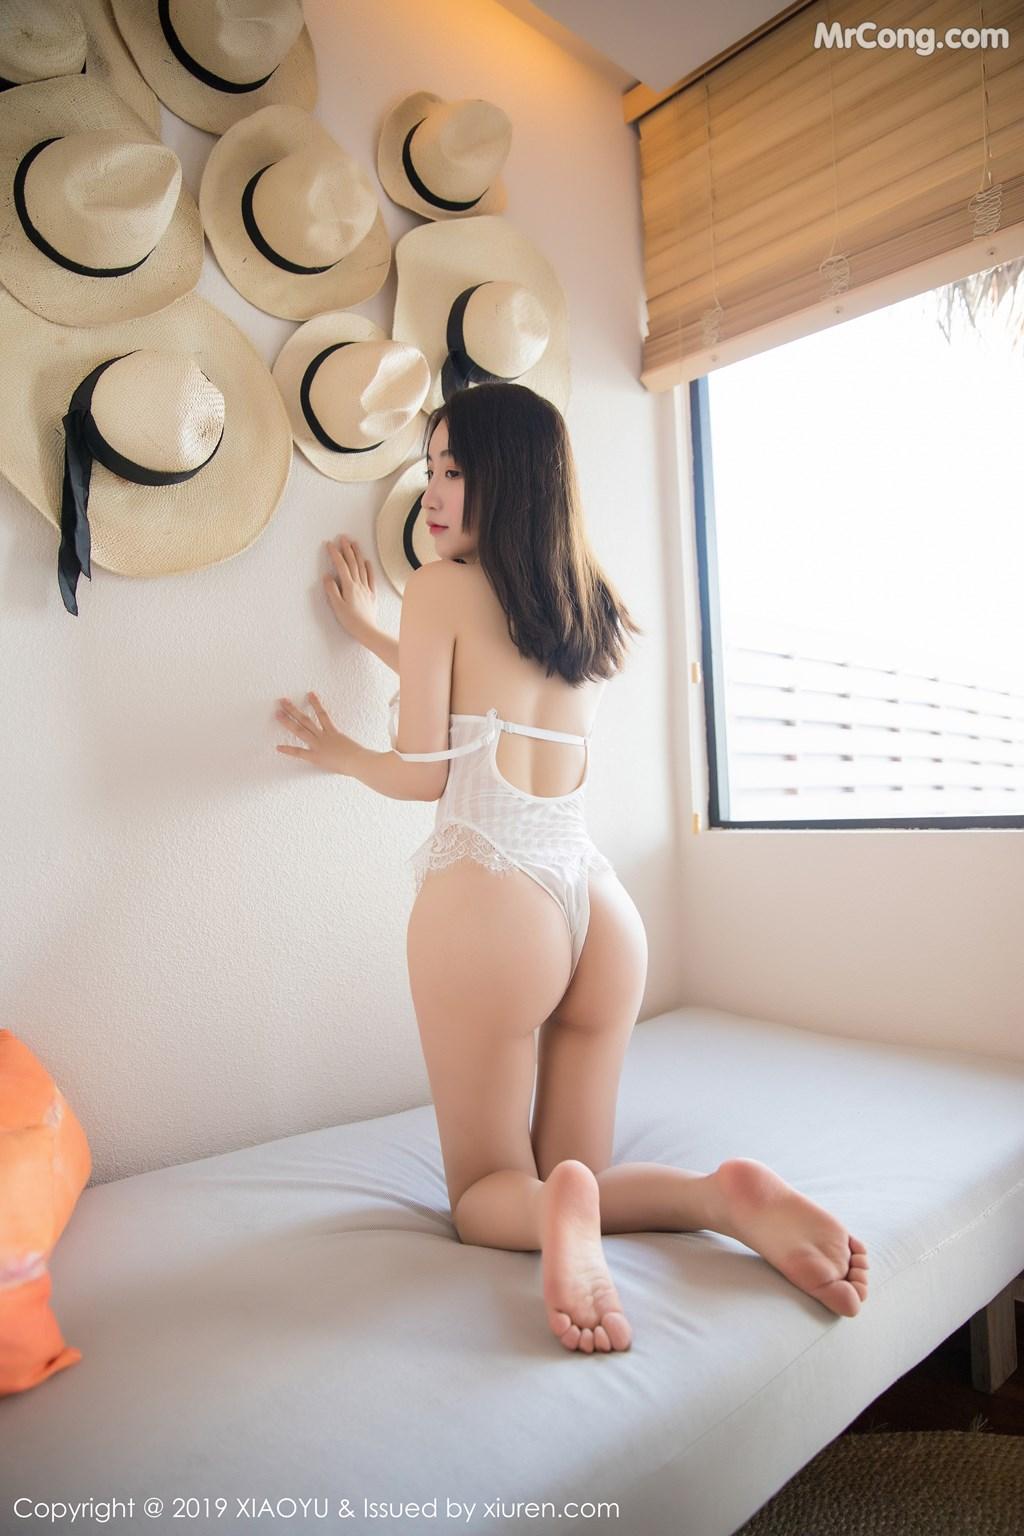 Image XiaoYu-Vol.147-Cherry-MrCong.com-010 in post XiaoYu Vol.147: 绯月樱-Cherry (66 ảnh)